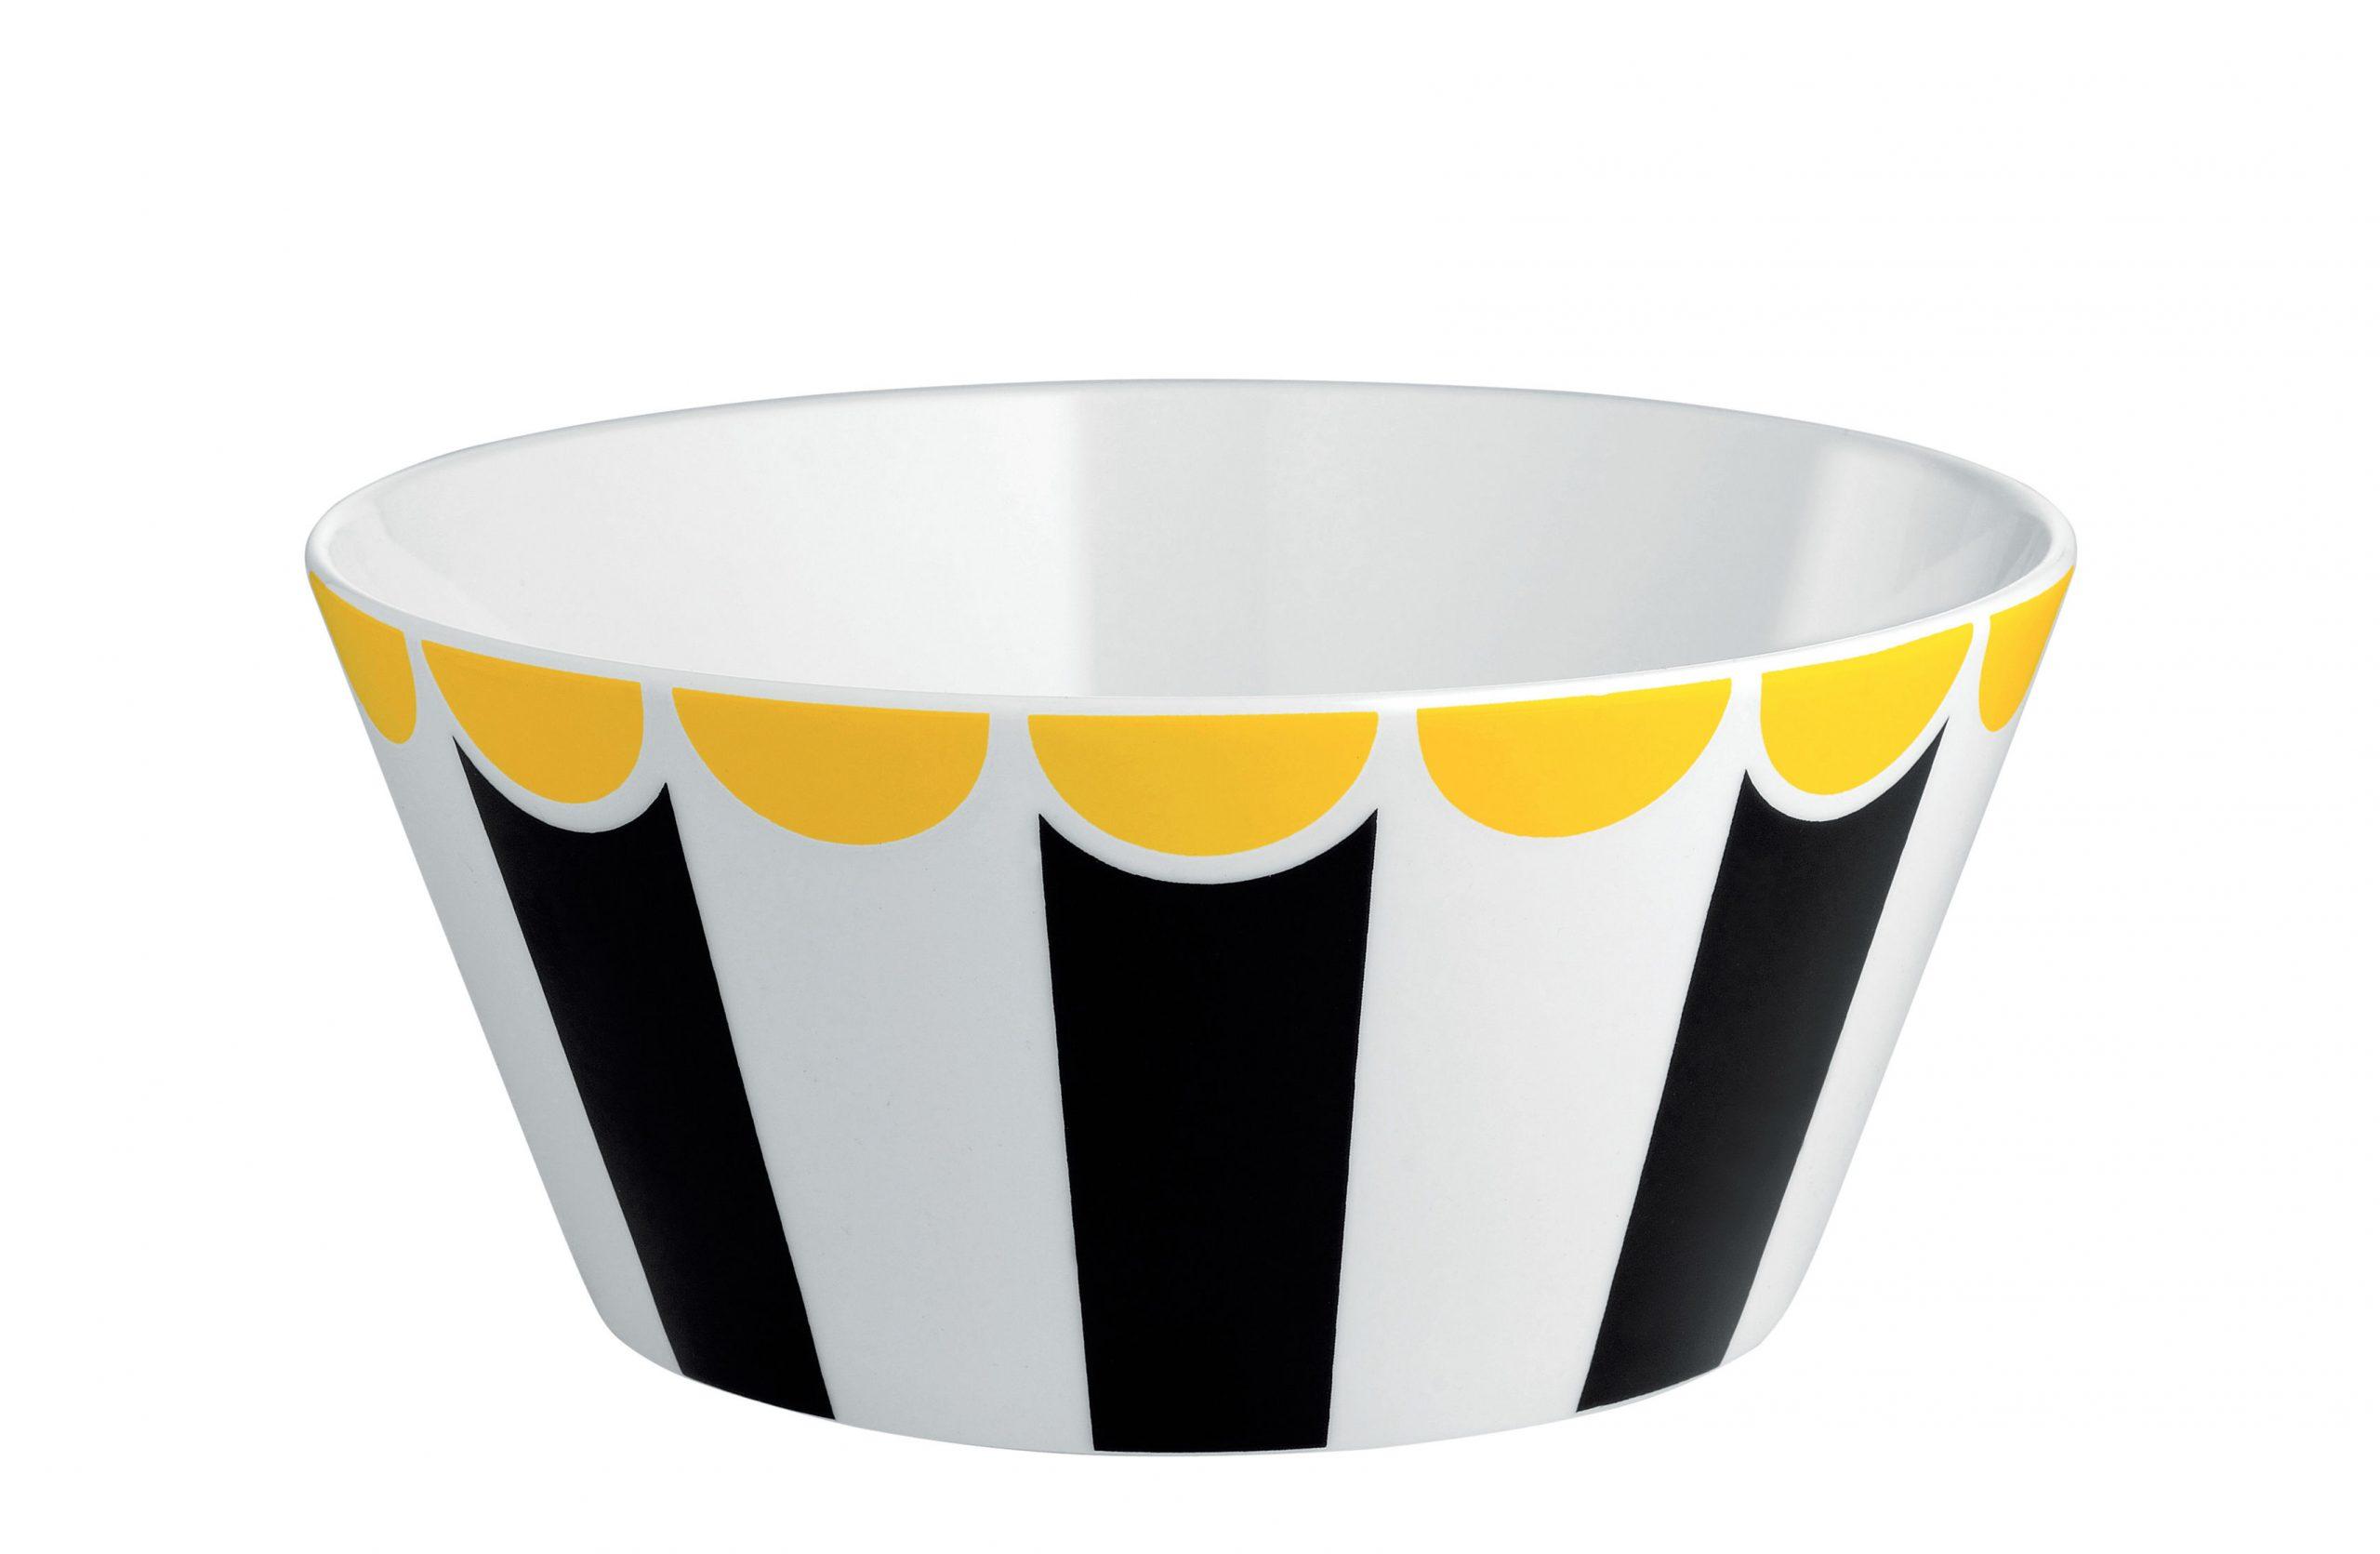 Τσίρκο - Ø 16 x H 7 cm Λευκό | Κίτρινο | Μαύρο ALESSI Marcel Wanders 1